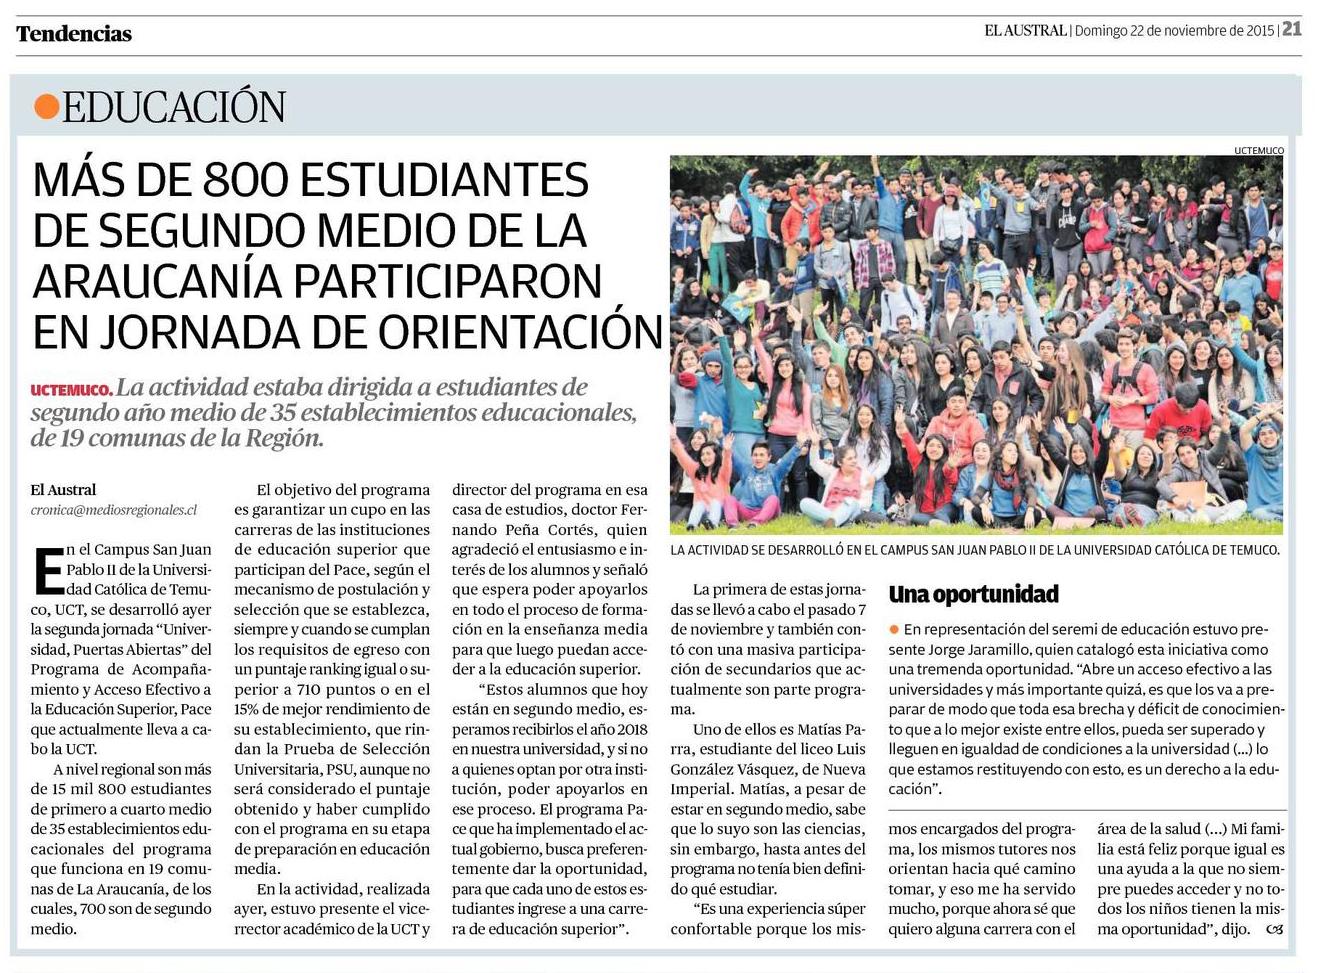 22-11-2015 Más de 800 estudiantes de segundo medio